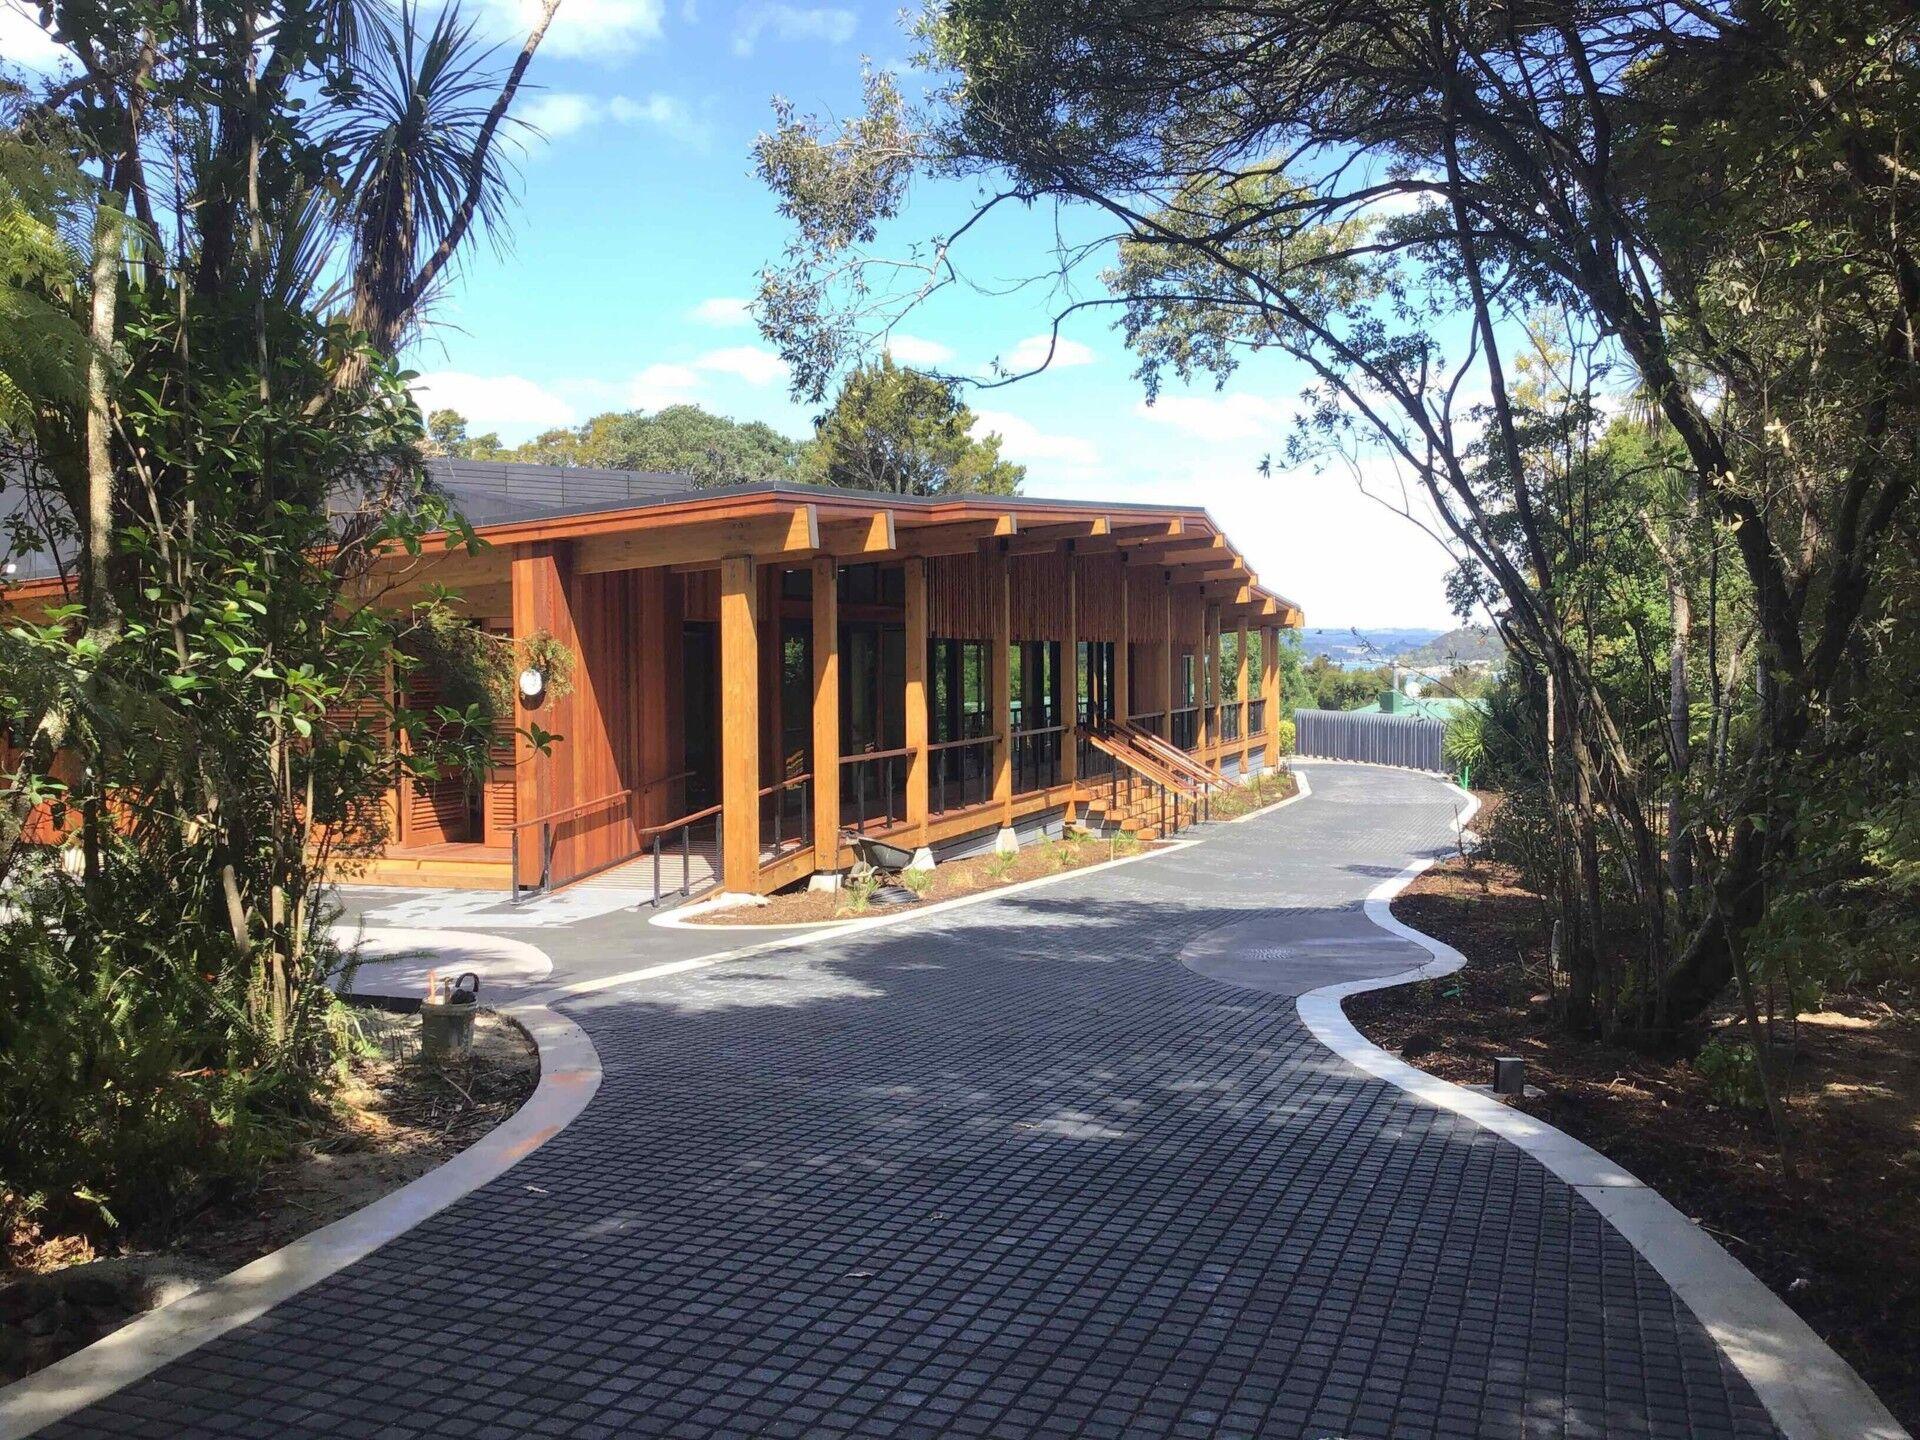 Te Rau Aroha Walkway